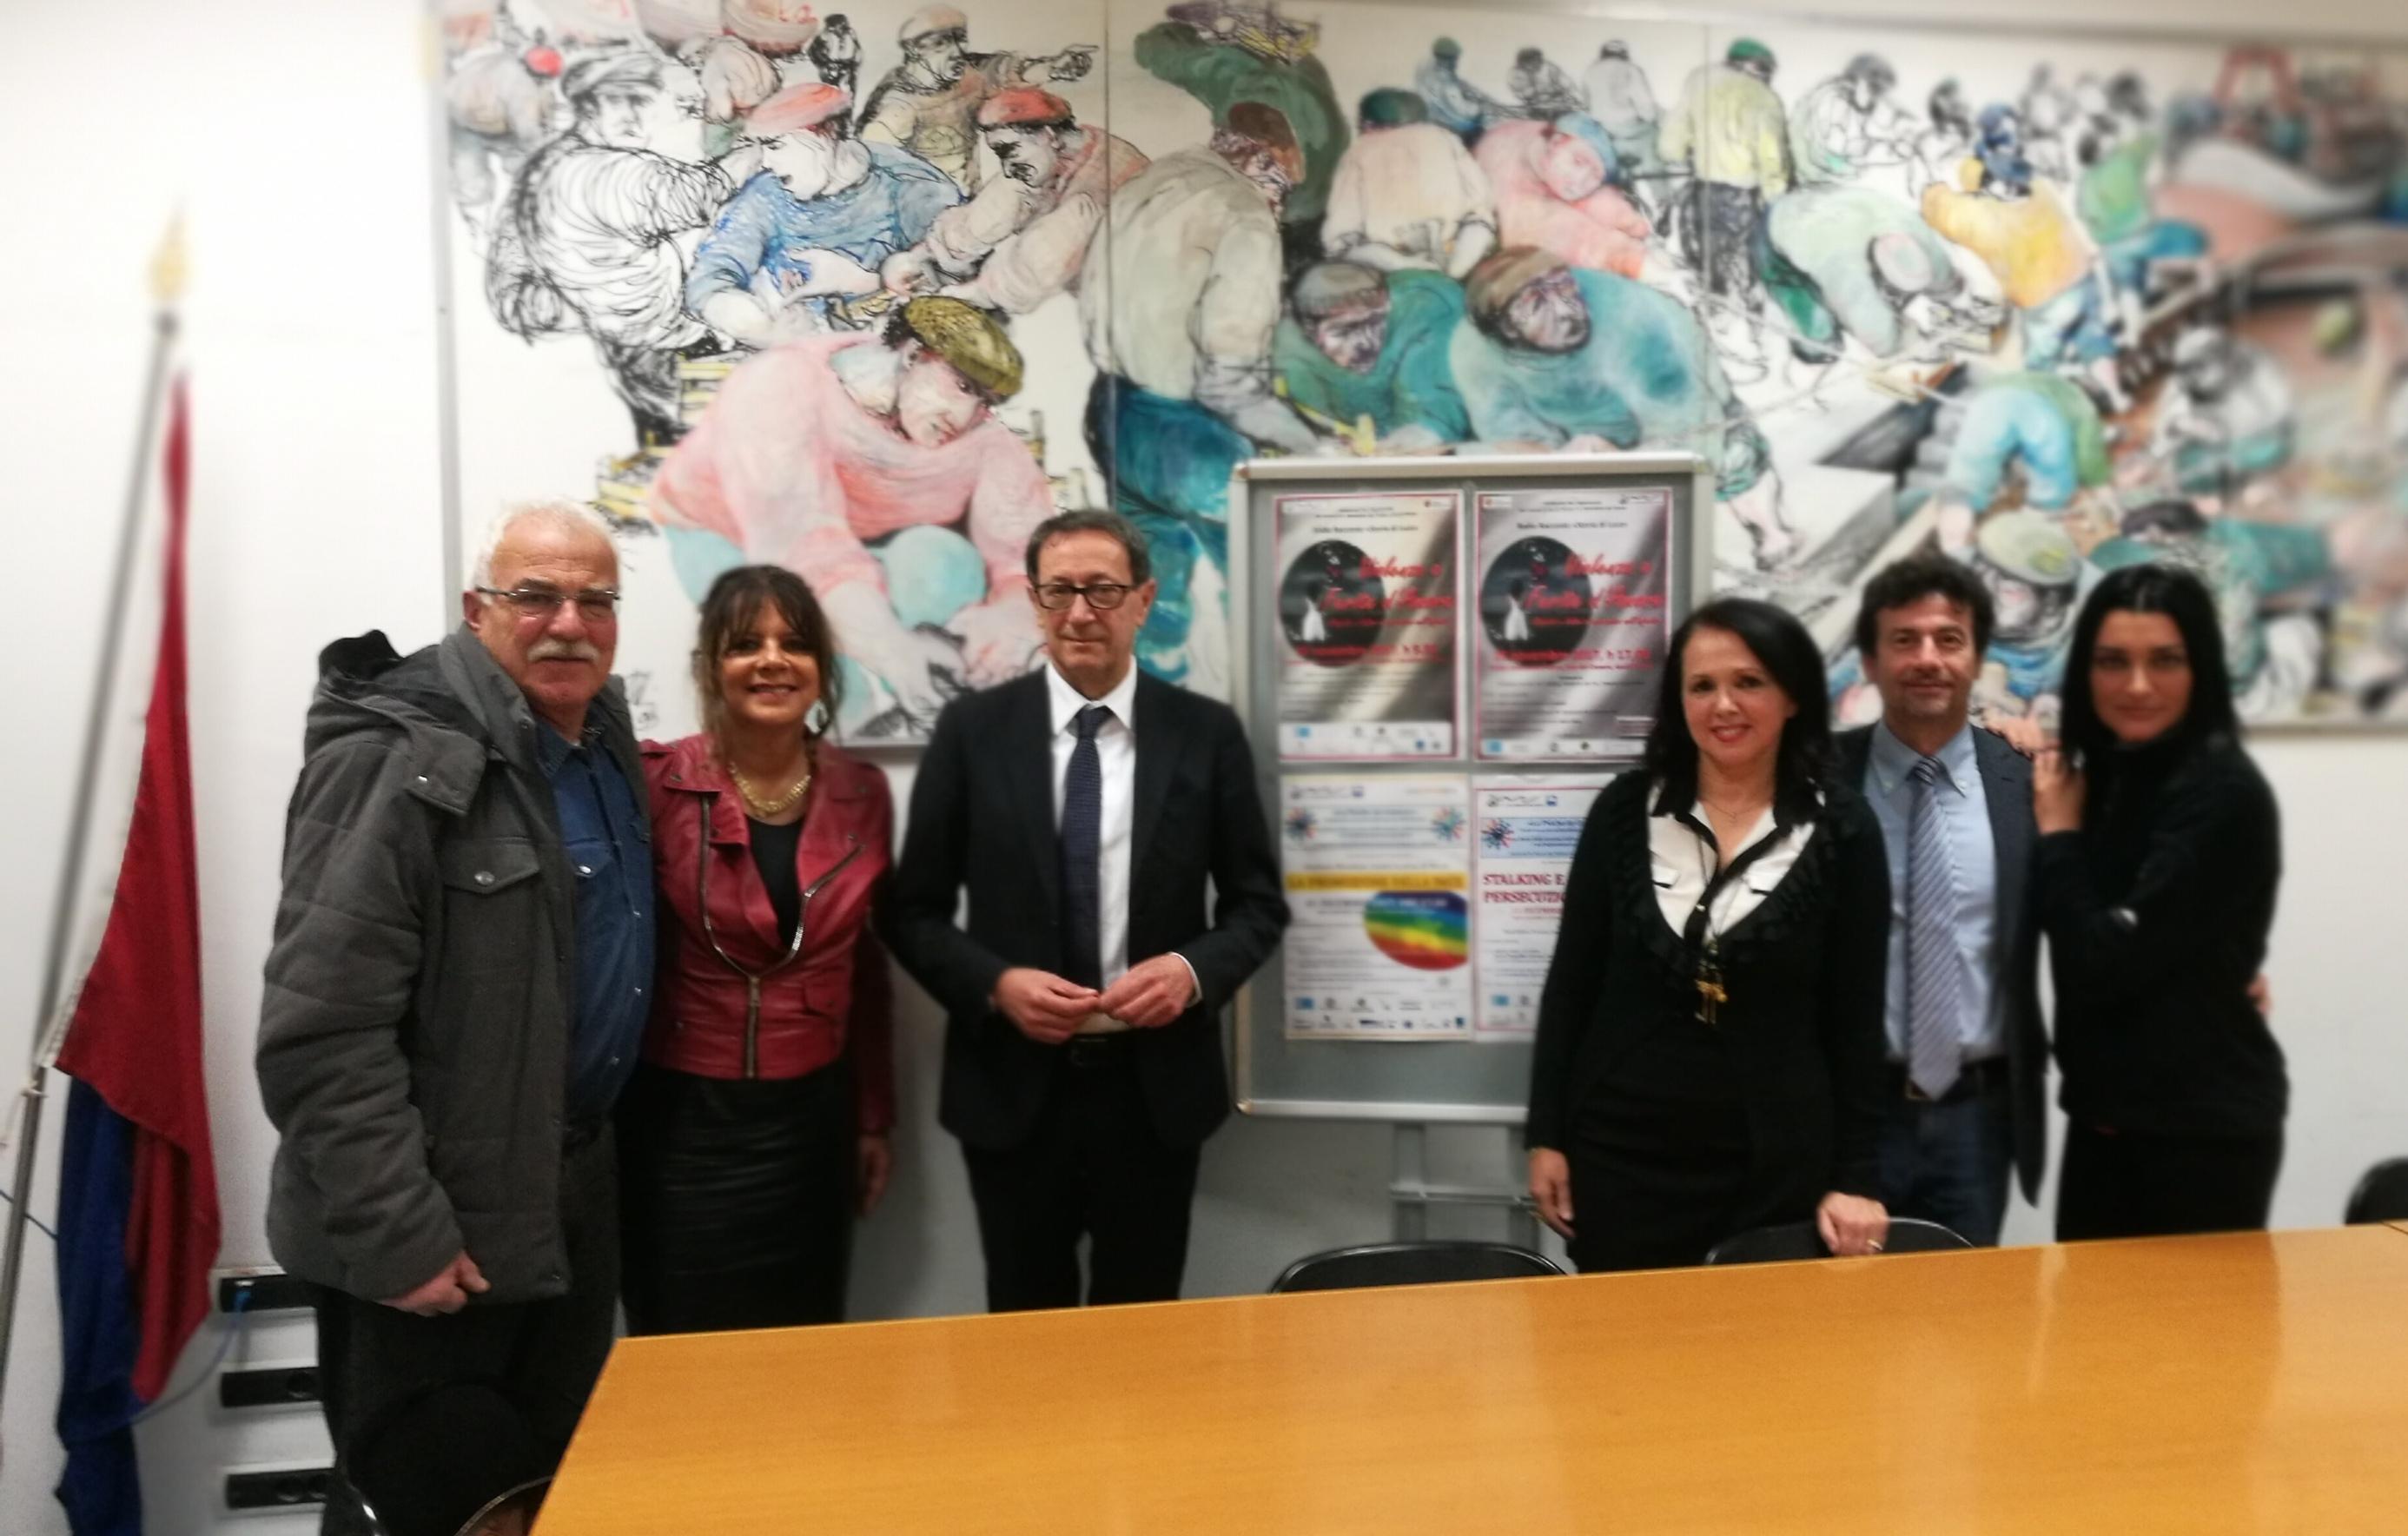 Il sindaco Piunti e l'assessore Baiocchi con i componenti la Commissione Anti Violenza (da sinistra: i consiglieri comunali Gabriele Pompili, Brunilde Crescenzi, Gianni Balloni, Antonella Croci)